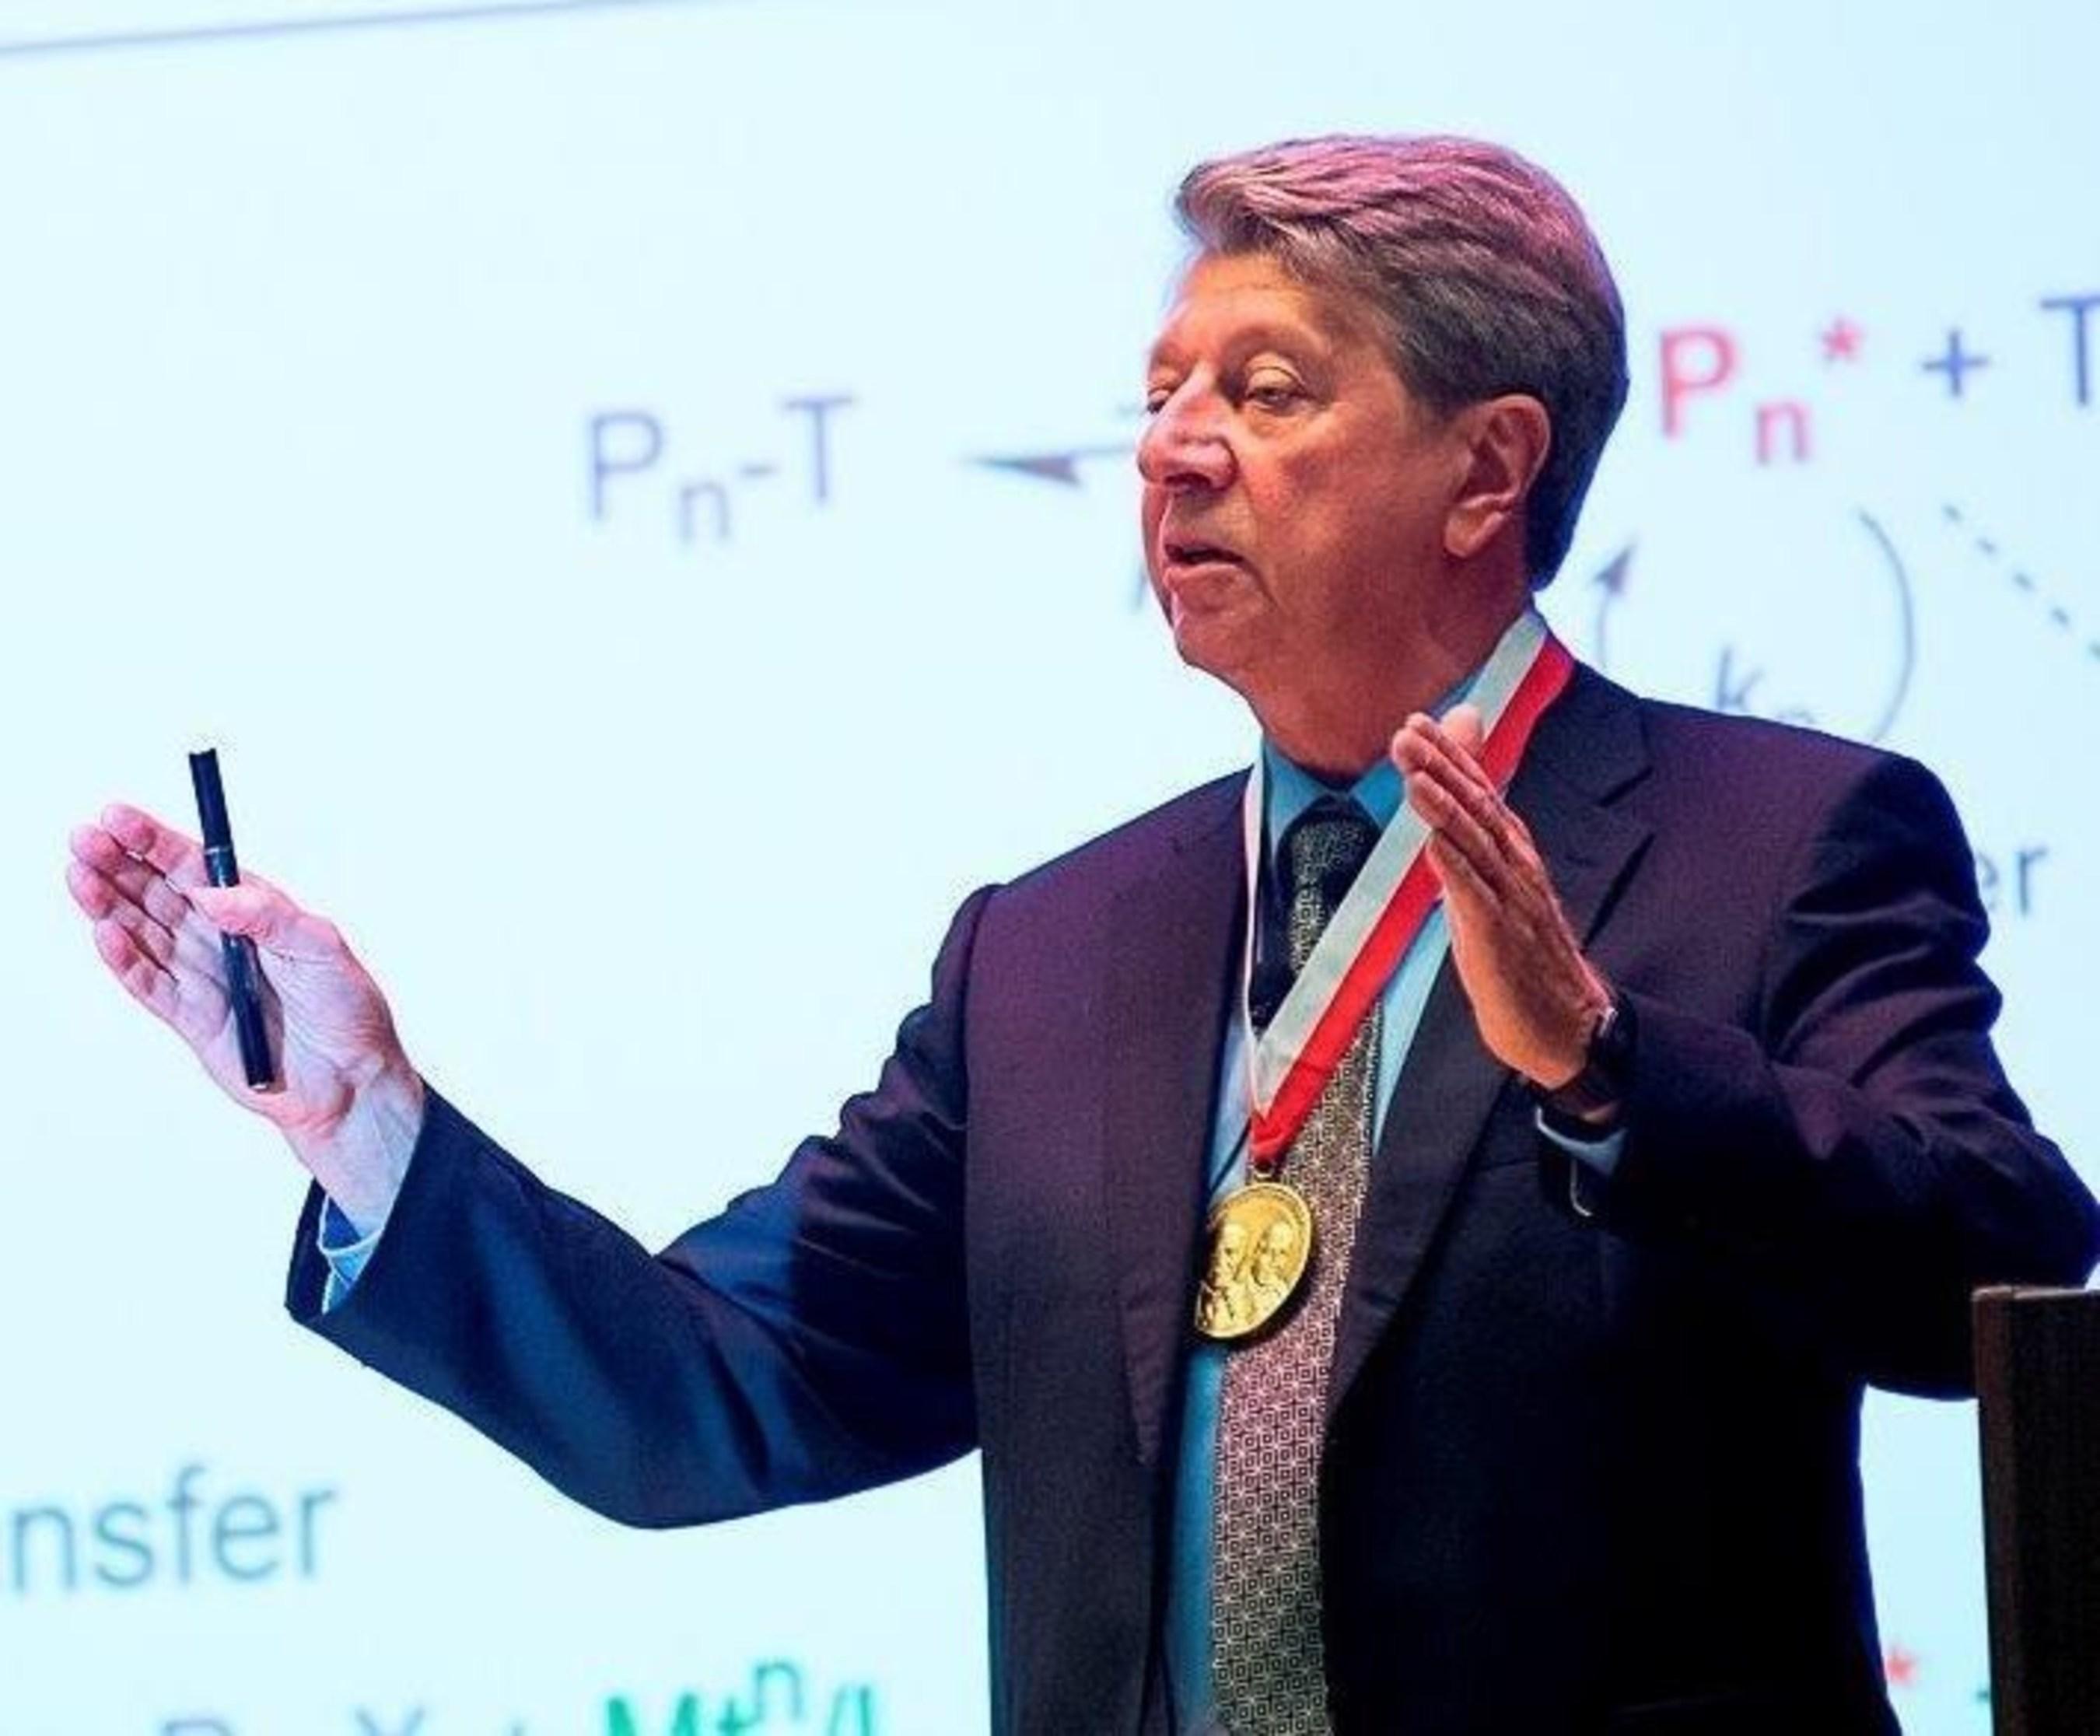 Krzysztof Matyjaszewski presenting at the 2015 Dreyfus Prize ceremony